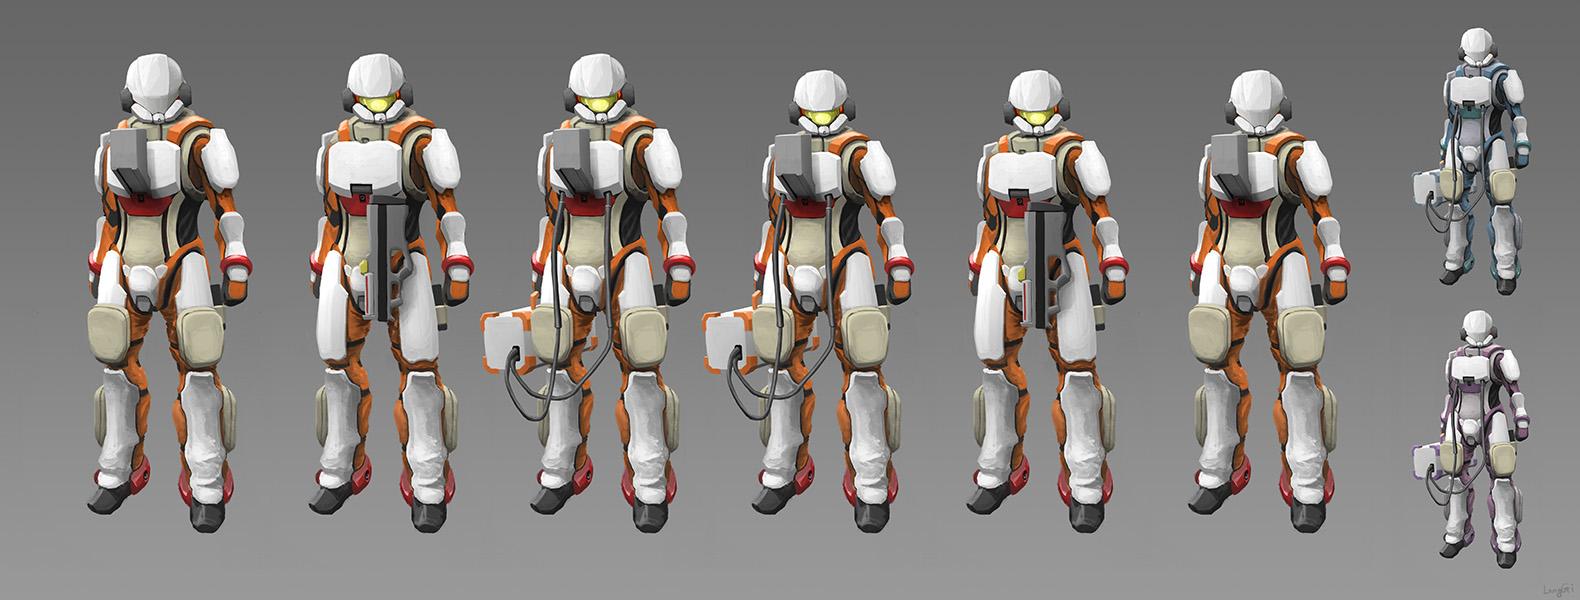 Combat EVA Suit by longgi